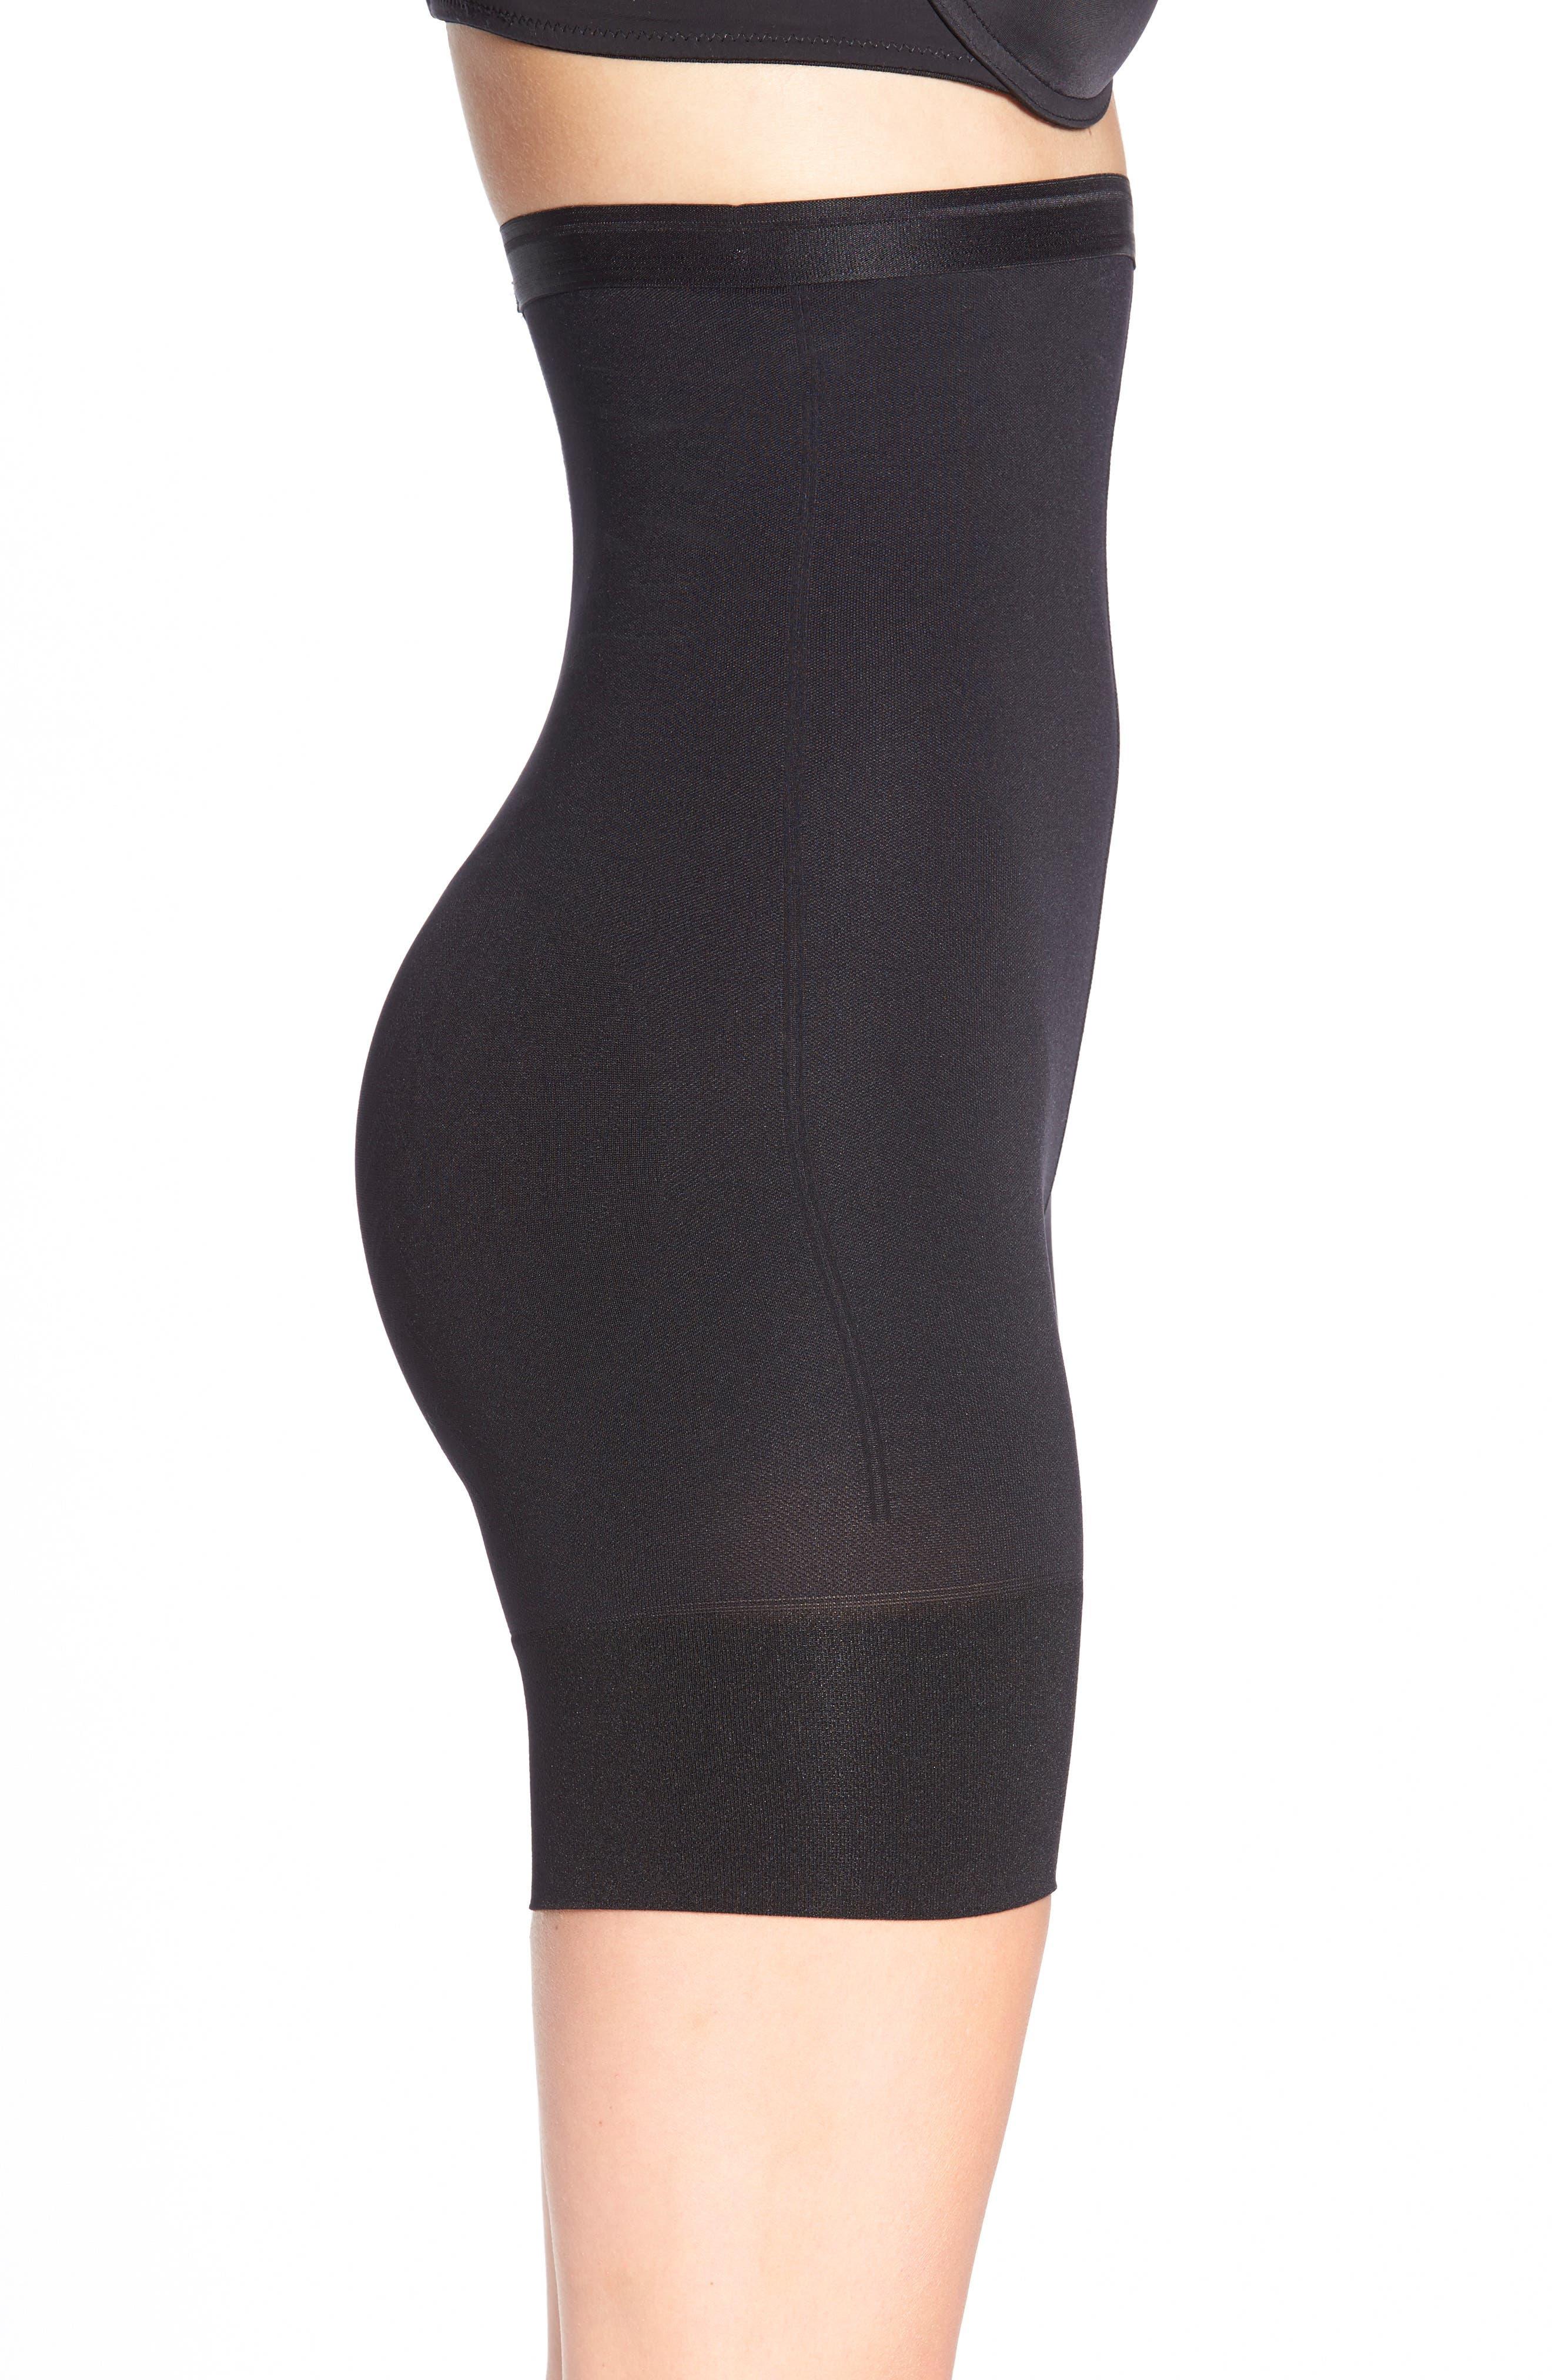 Shorty Shaping Shorts,                             Main thumbnail 1, color,                             BLACK